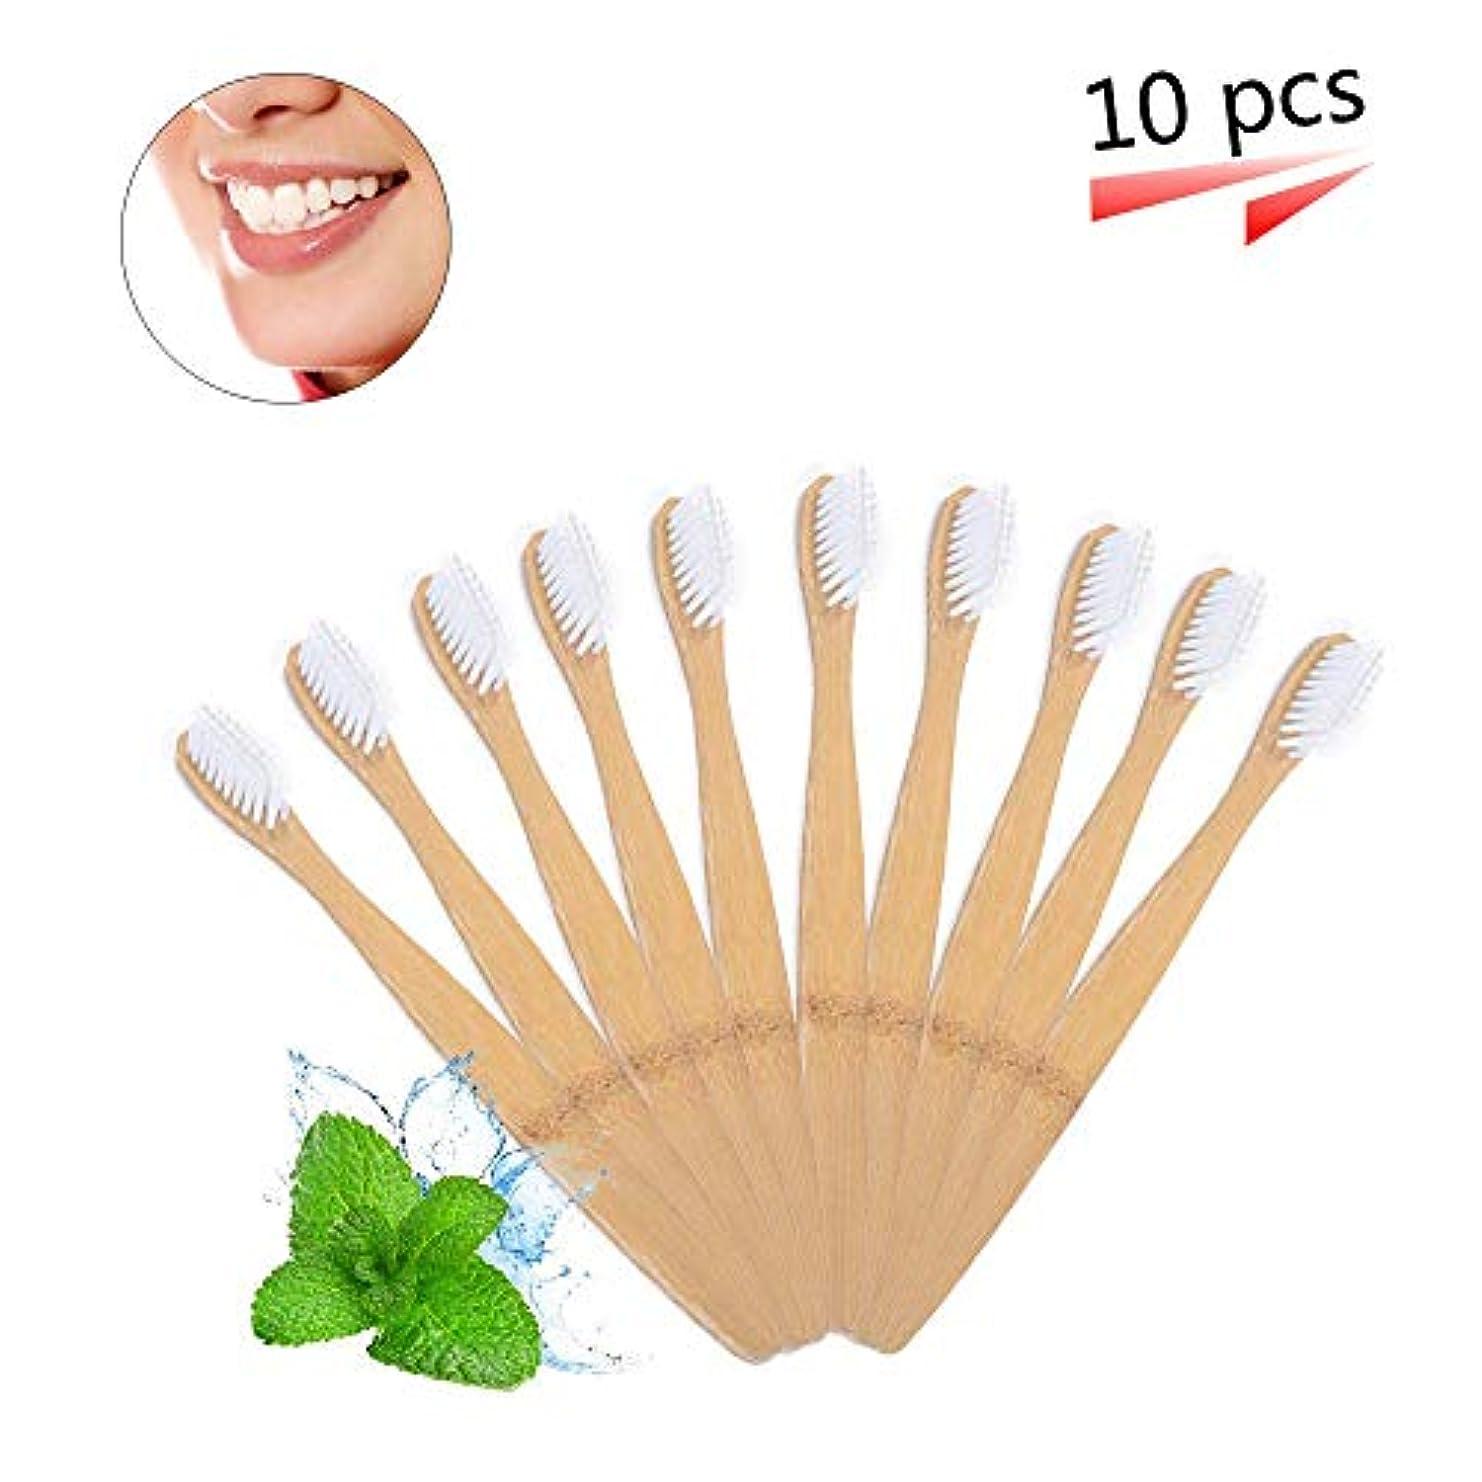 意志に反する調停者ファイアル竹の歯ブラシ 分解性 環境保護の歯ブラシ 天然の柔らかいブラシ ホワイト 10本